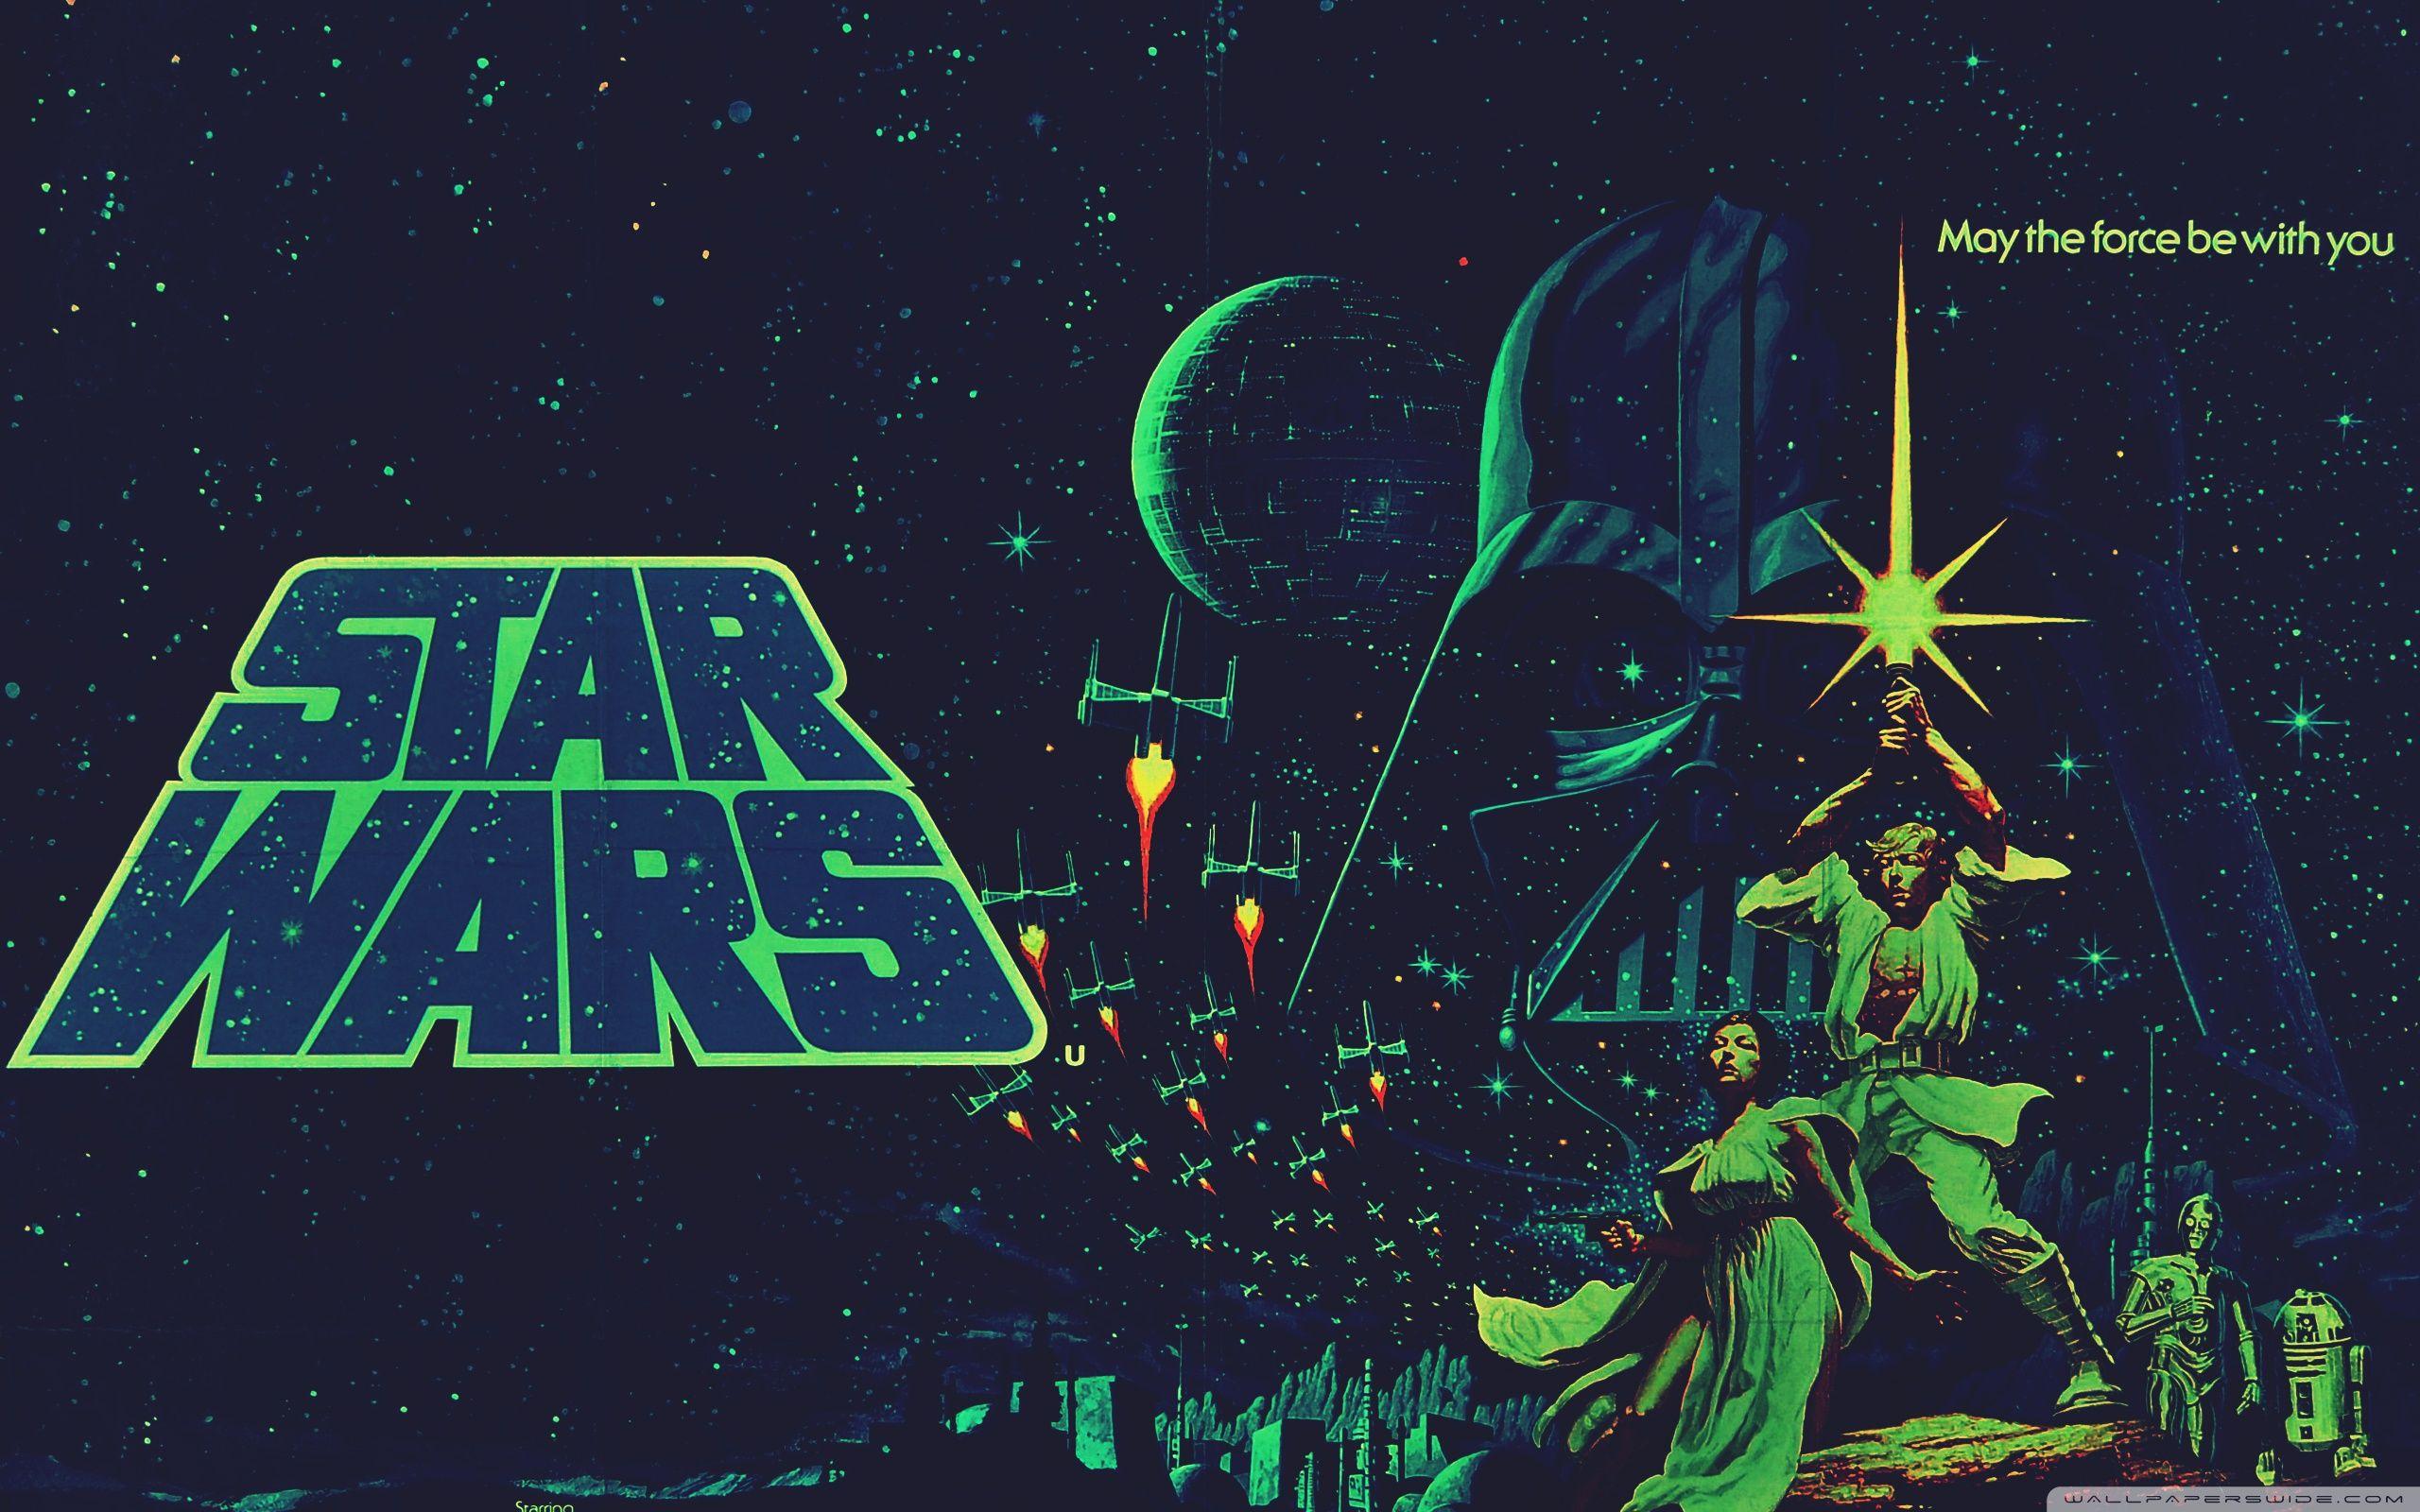 movie star wars poster